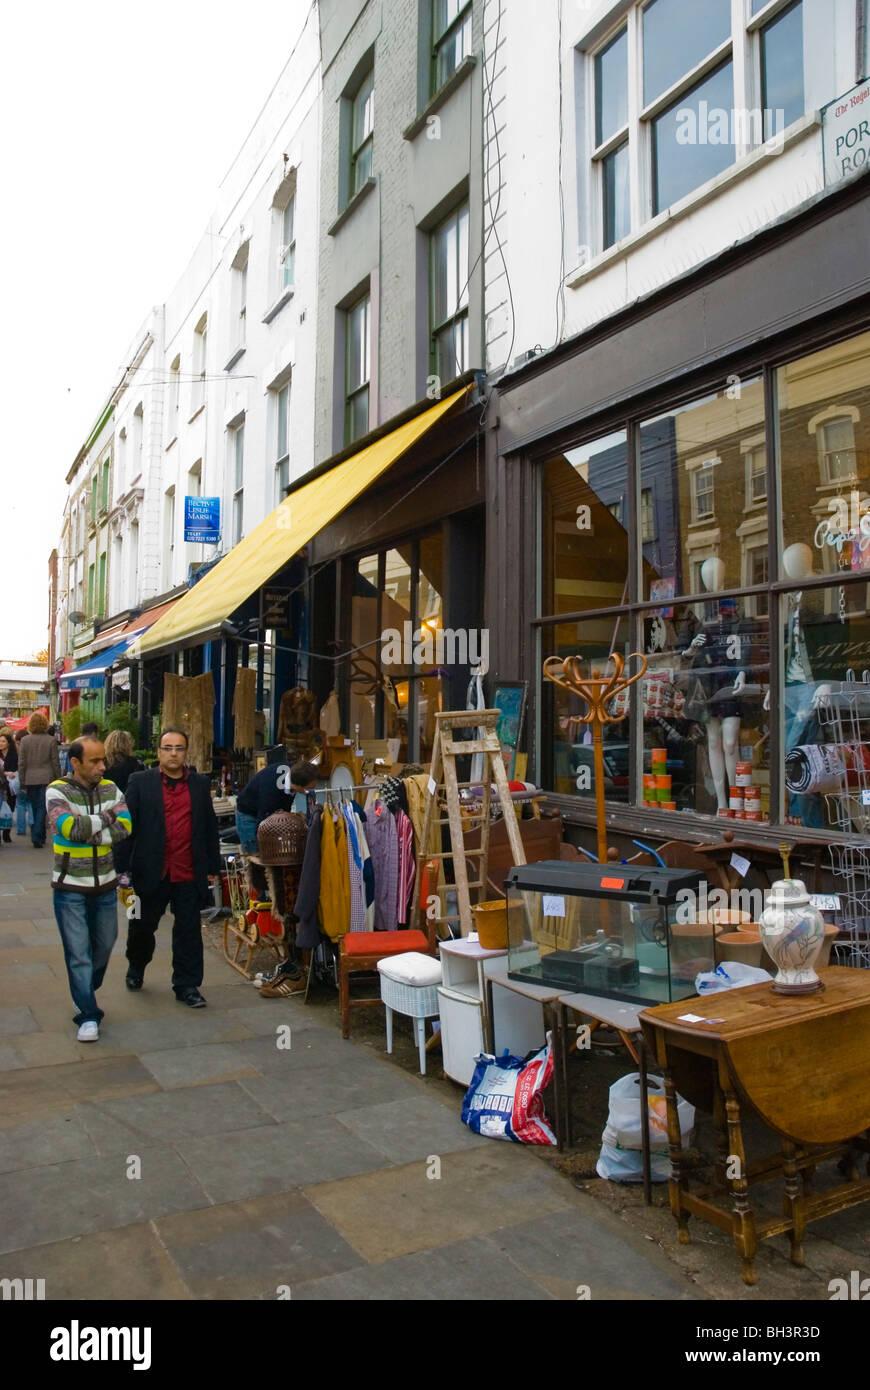 Portobello Market Shop Front Stock Photos Amp Portobello